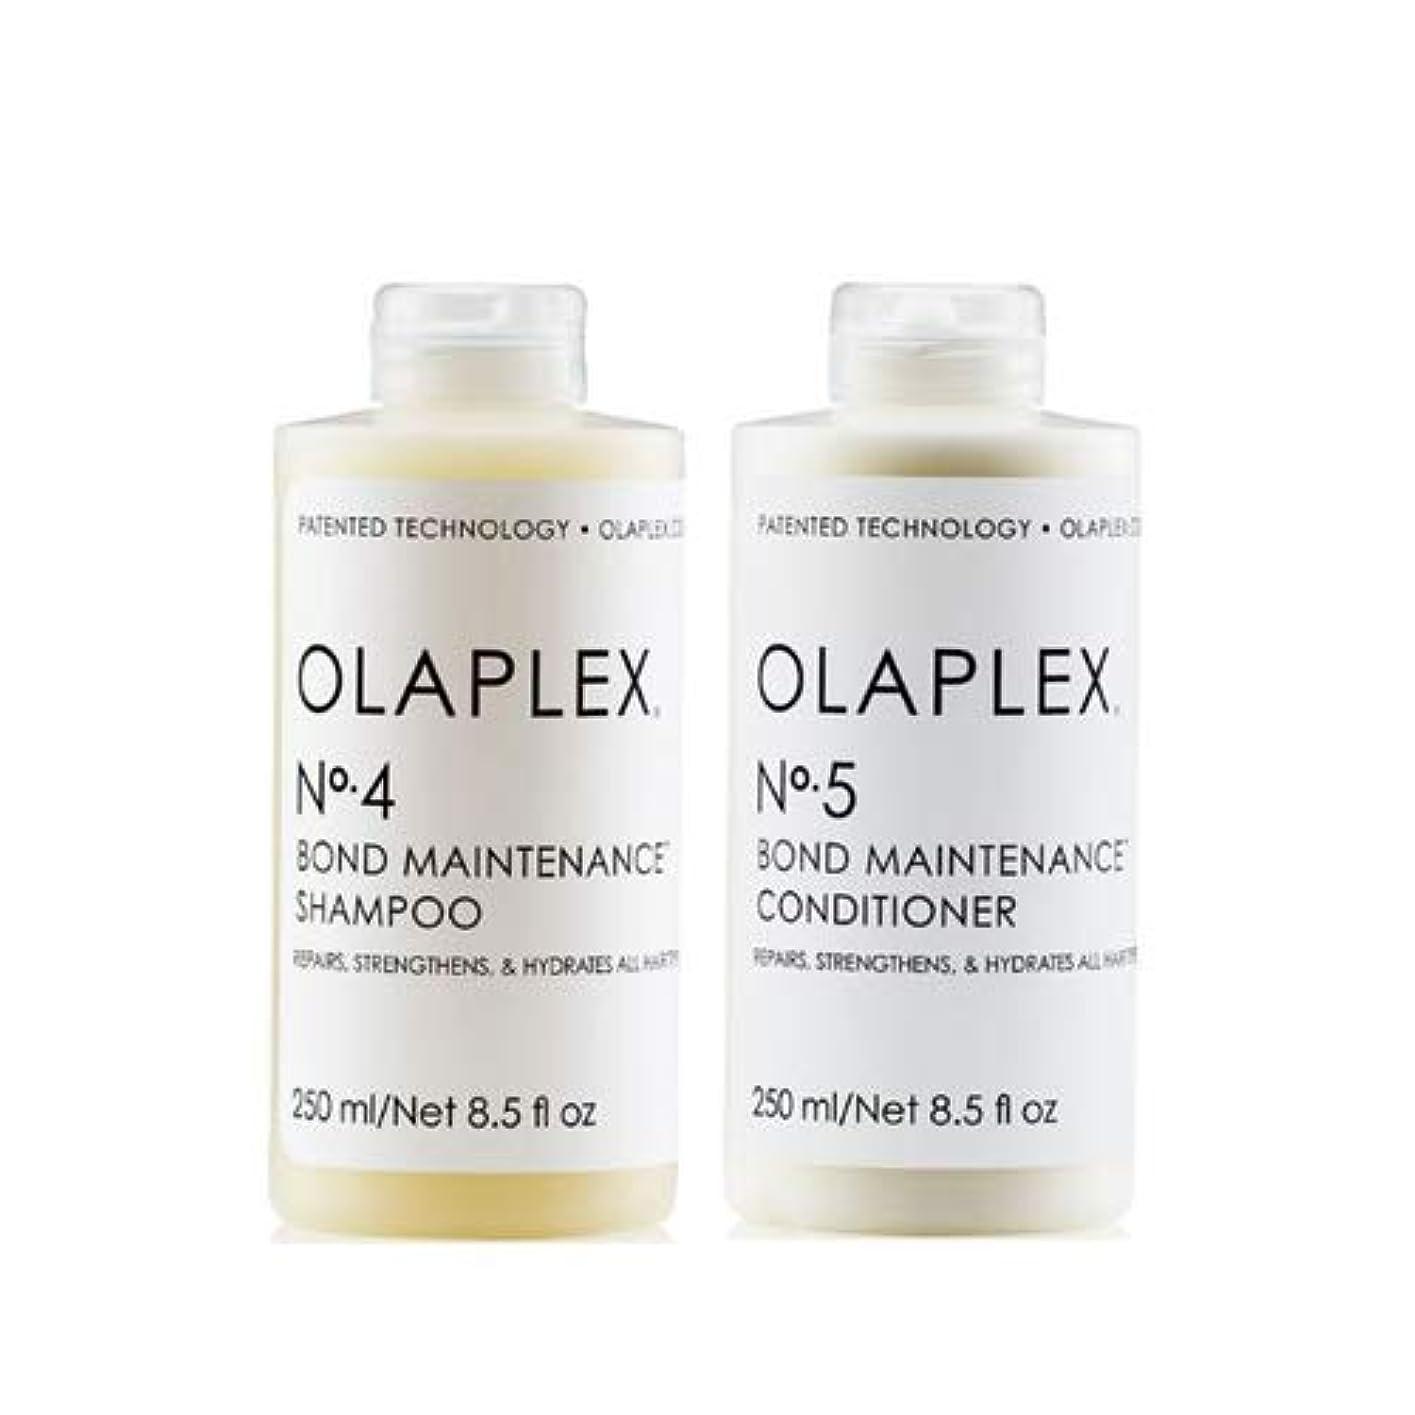 周辺記述するジョグOlaplex オラプレックス No. 4 5 ボンド メンテナンス シャンプー&コンディショナー Olaplex Bond Maintenance Shampoo & Conditioner 【並行輸入品】